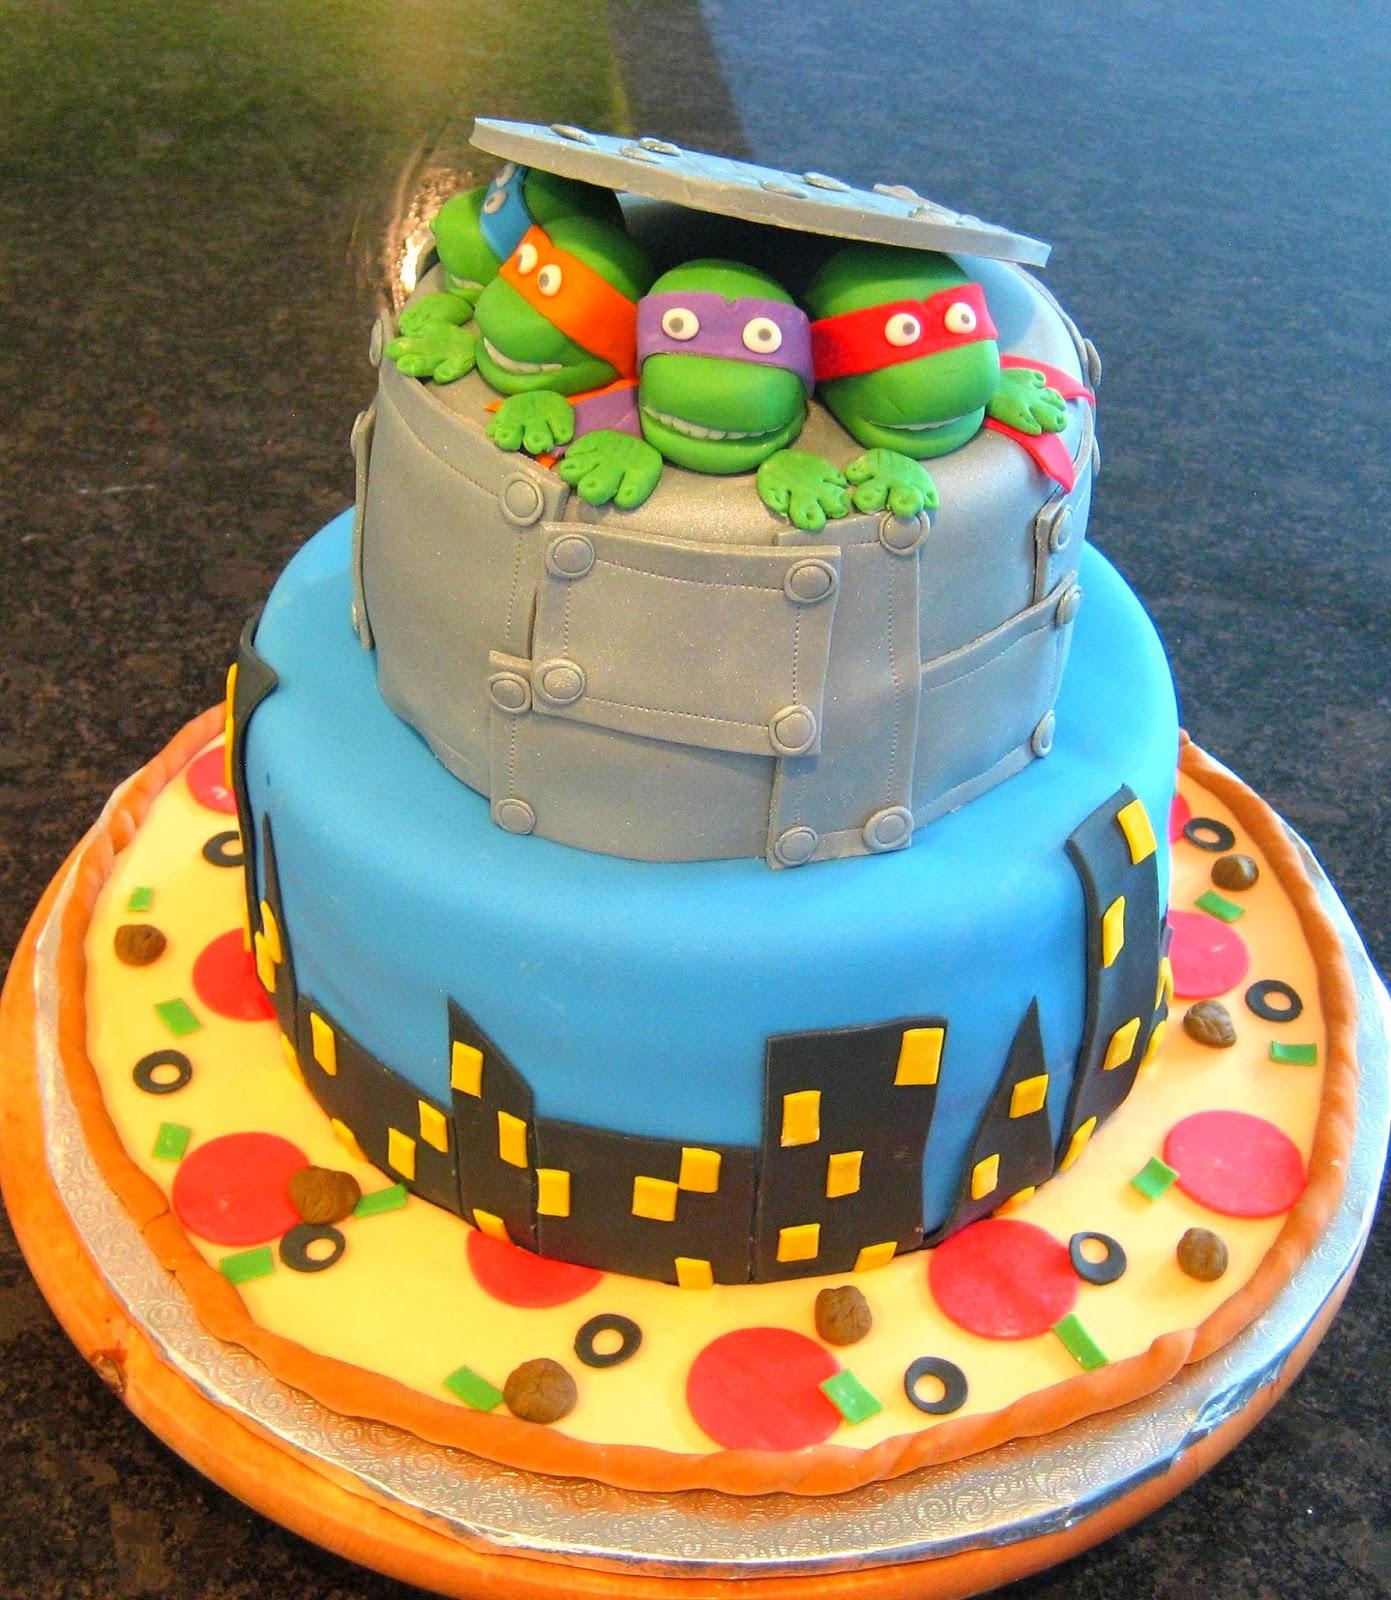 Devanys Designs Teenage Mutant Ninja Turtle Cake